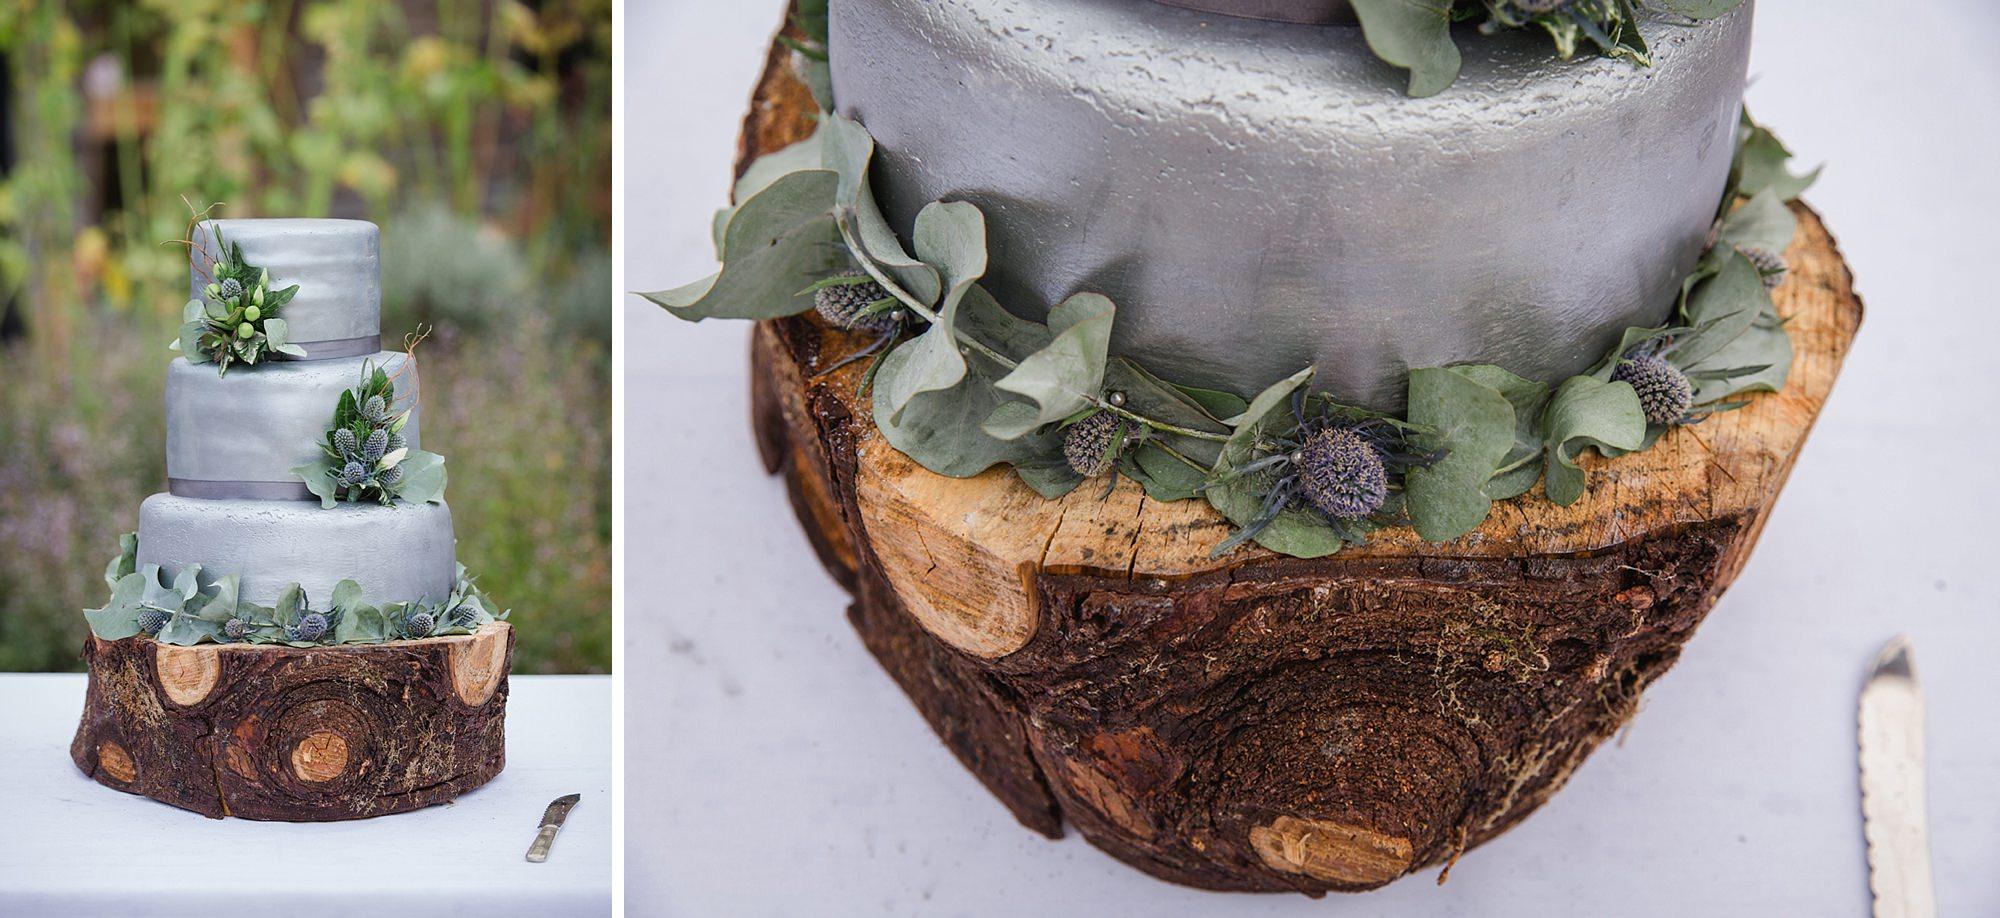 outdoor humanist wedding photography wedding cake